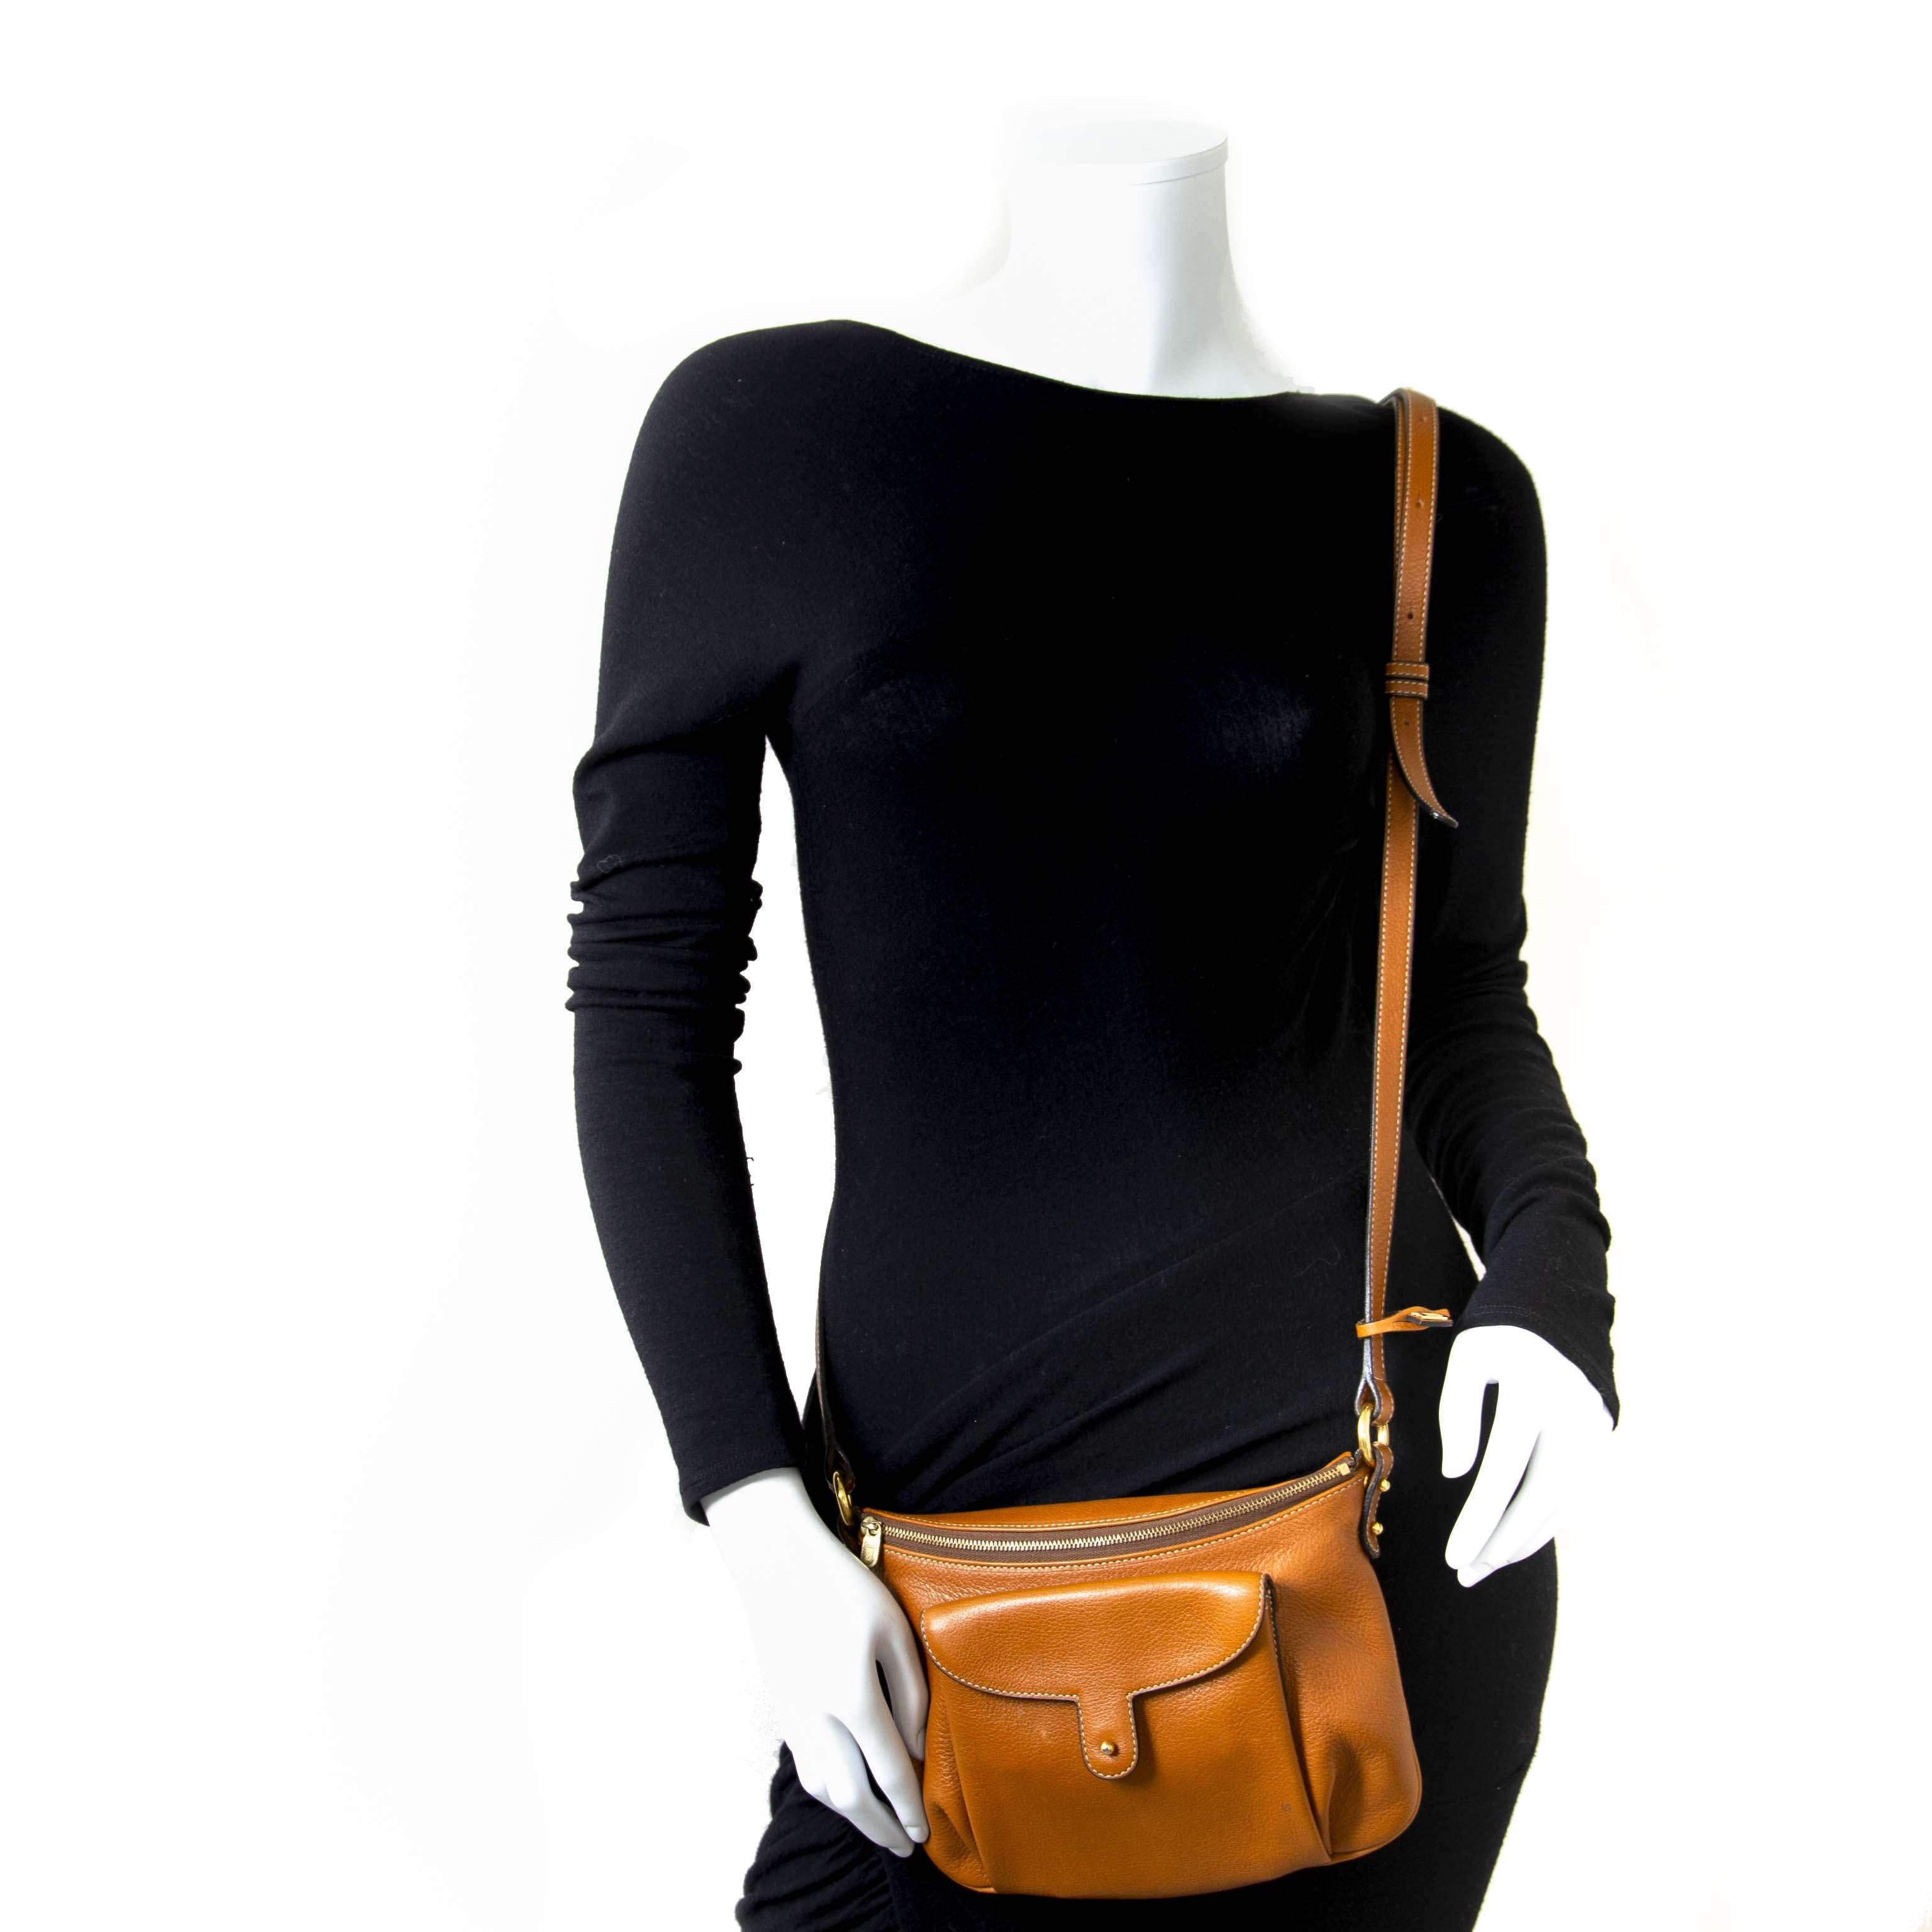 ... Vintage preloved bags Delvaux crossbody brown handtas tas bruin leder d8523b55629